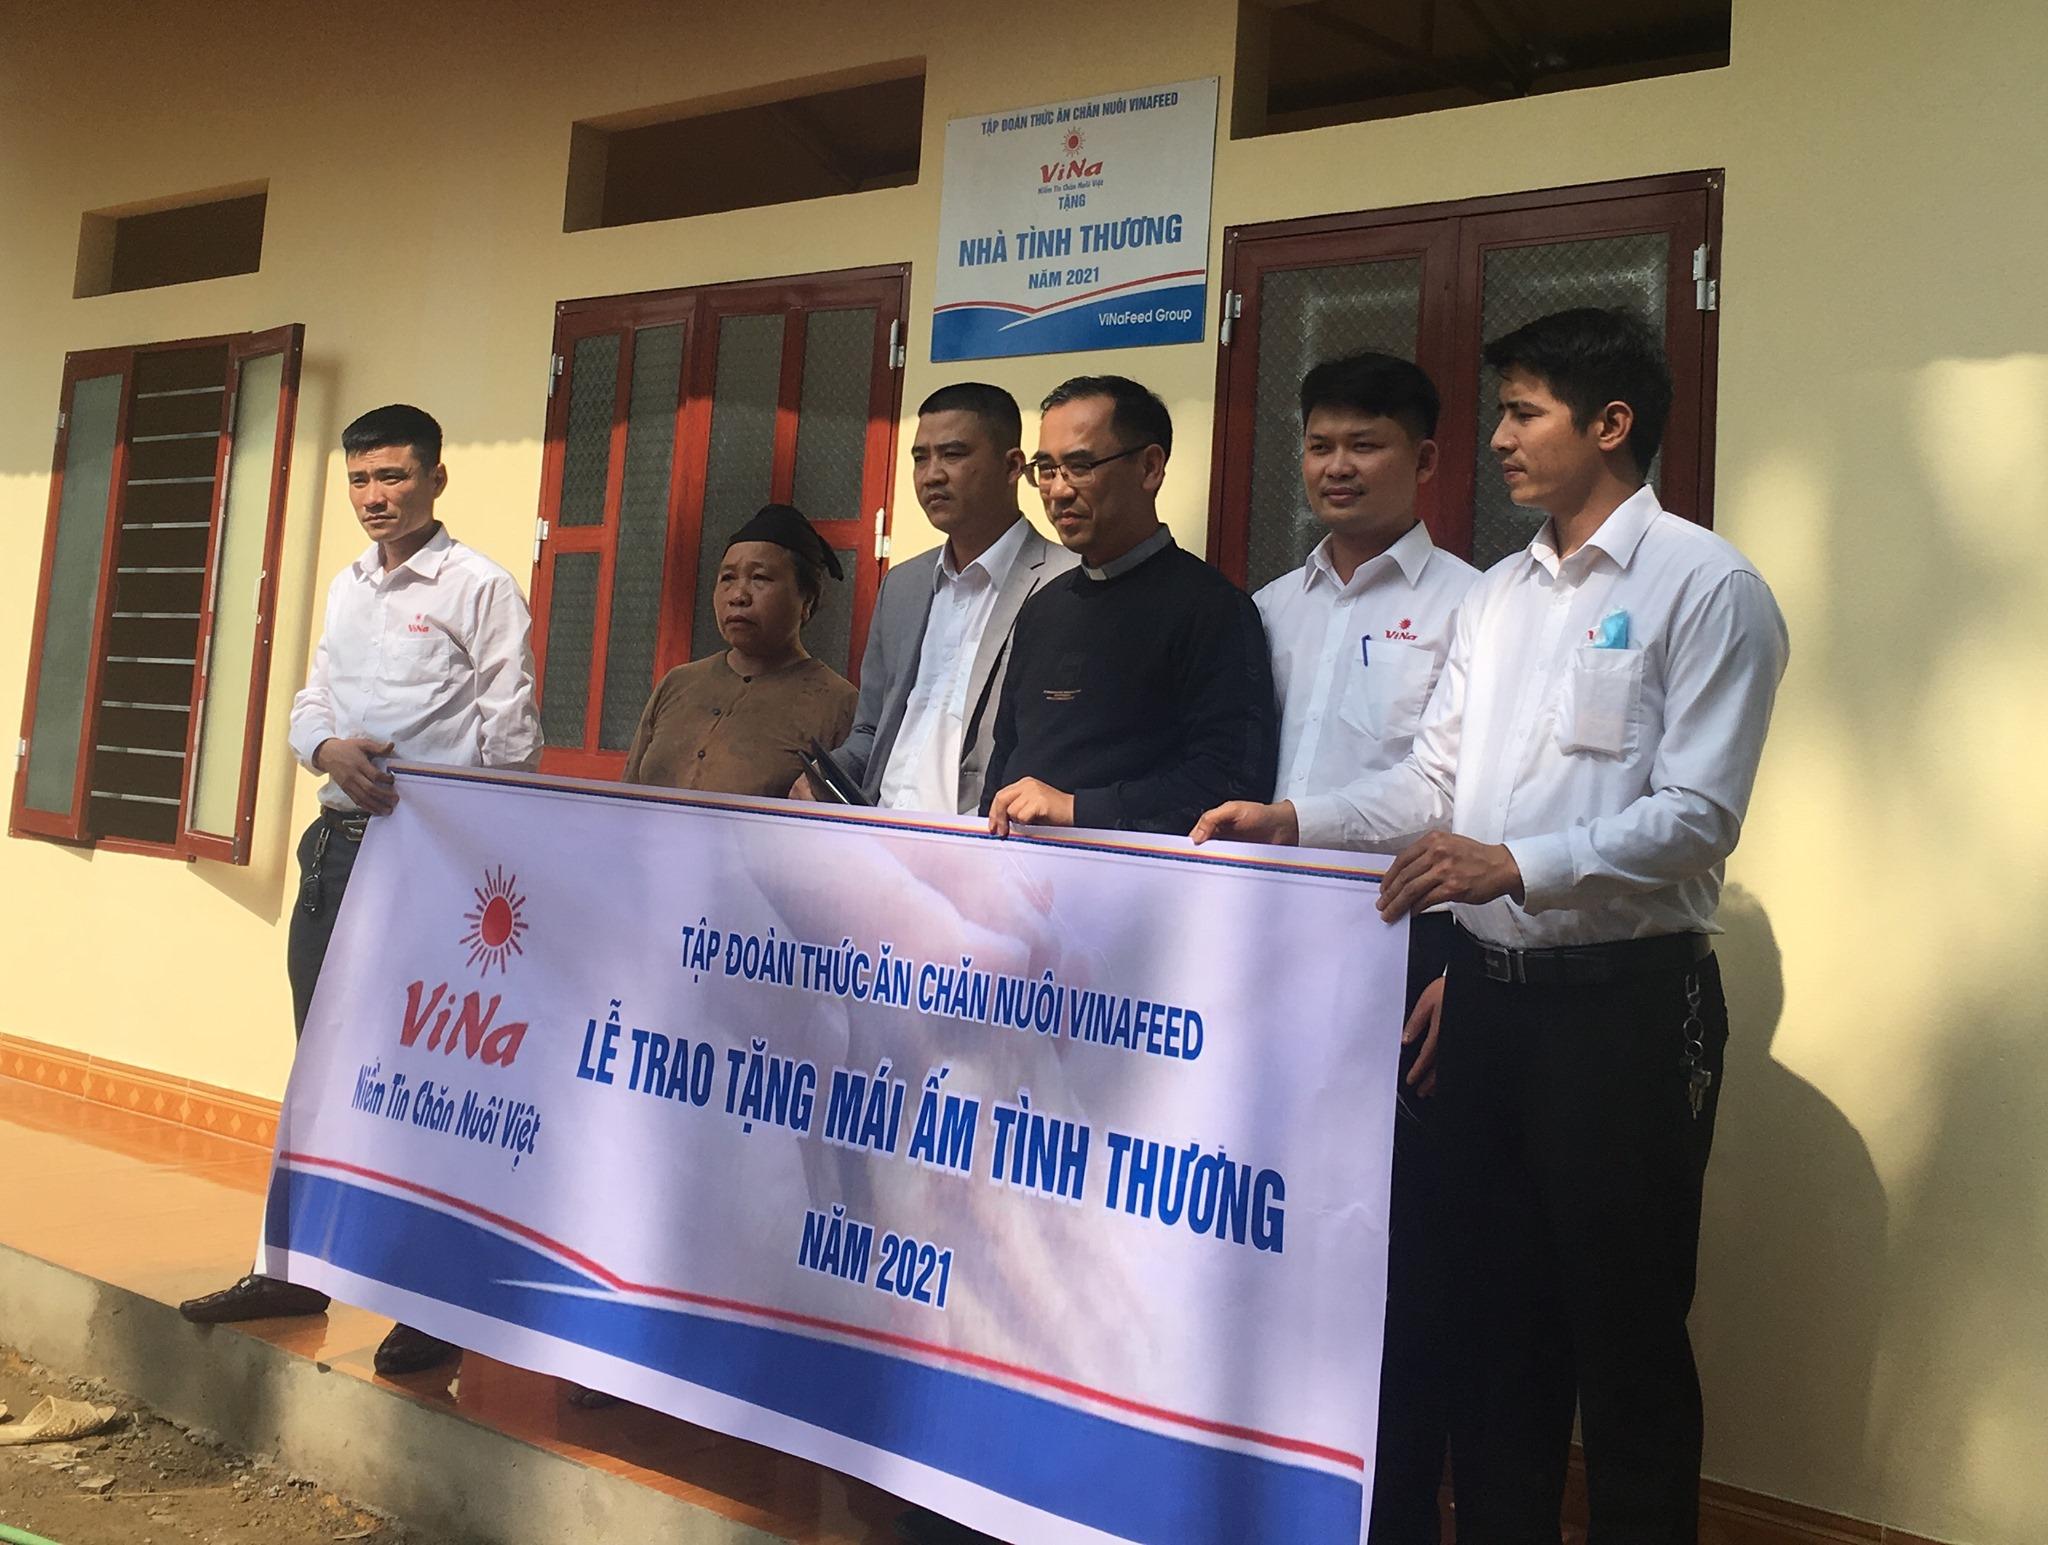 Tập đoàn thức ăn chăn nuôi Vina tổ chức Lễ bàn giao nhà tình thương tại huyện Lang Chánh – Thanh Hóa năm 2021